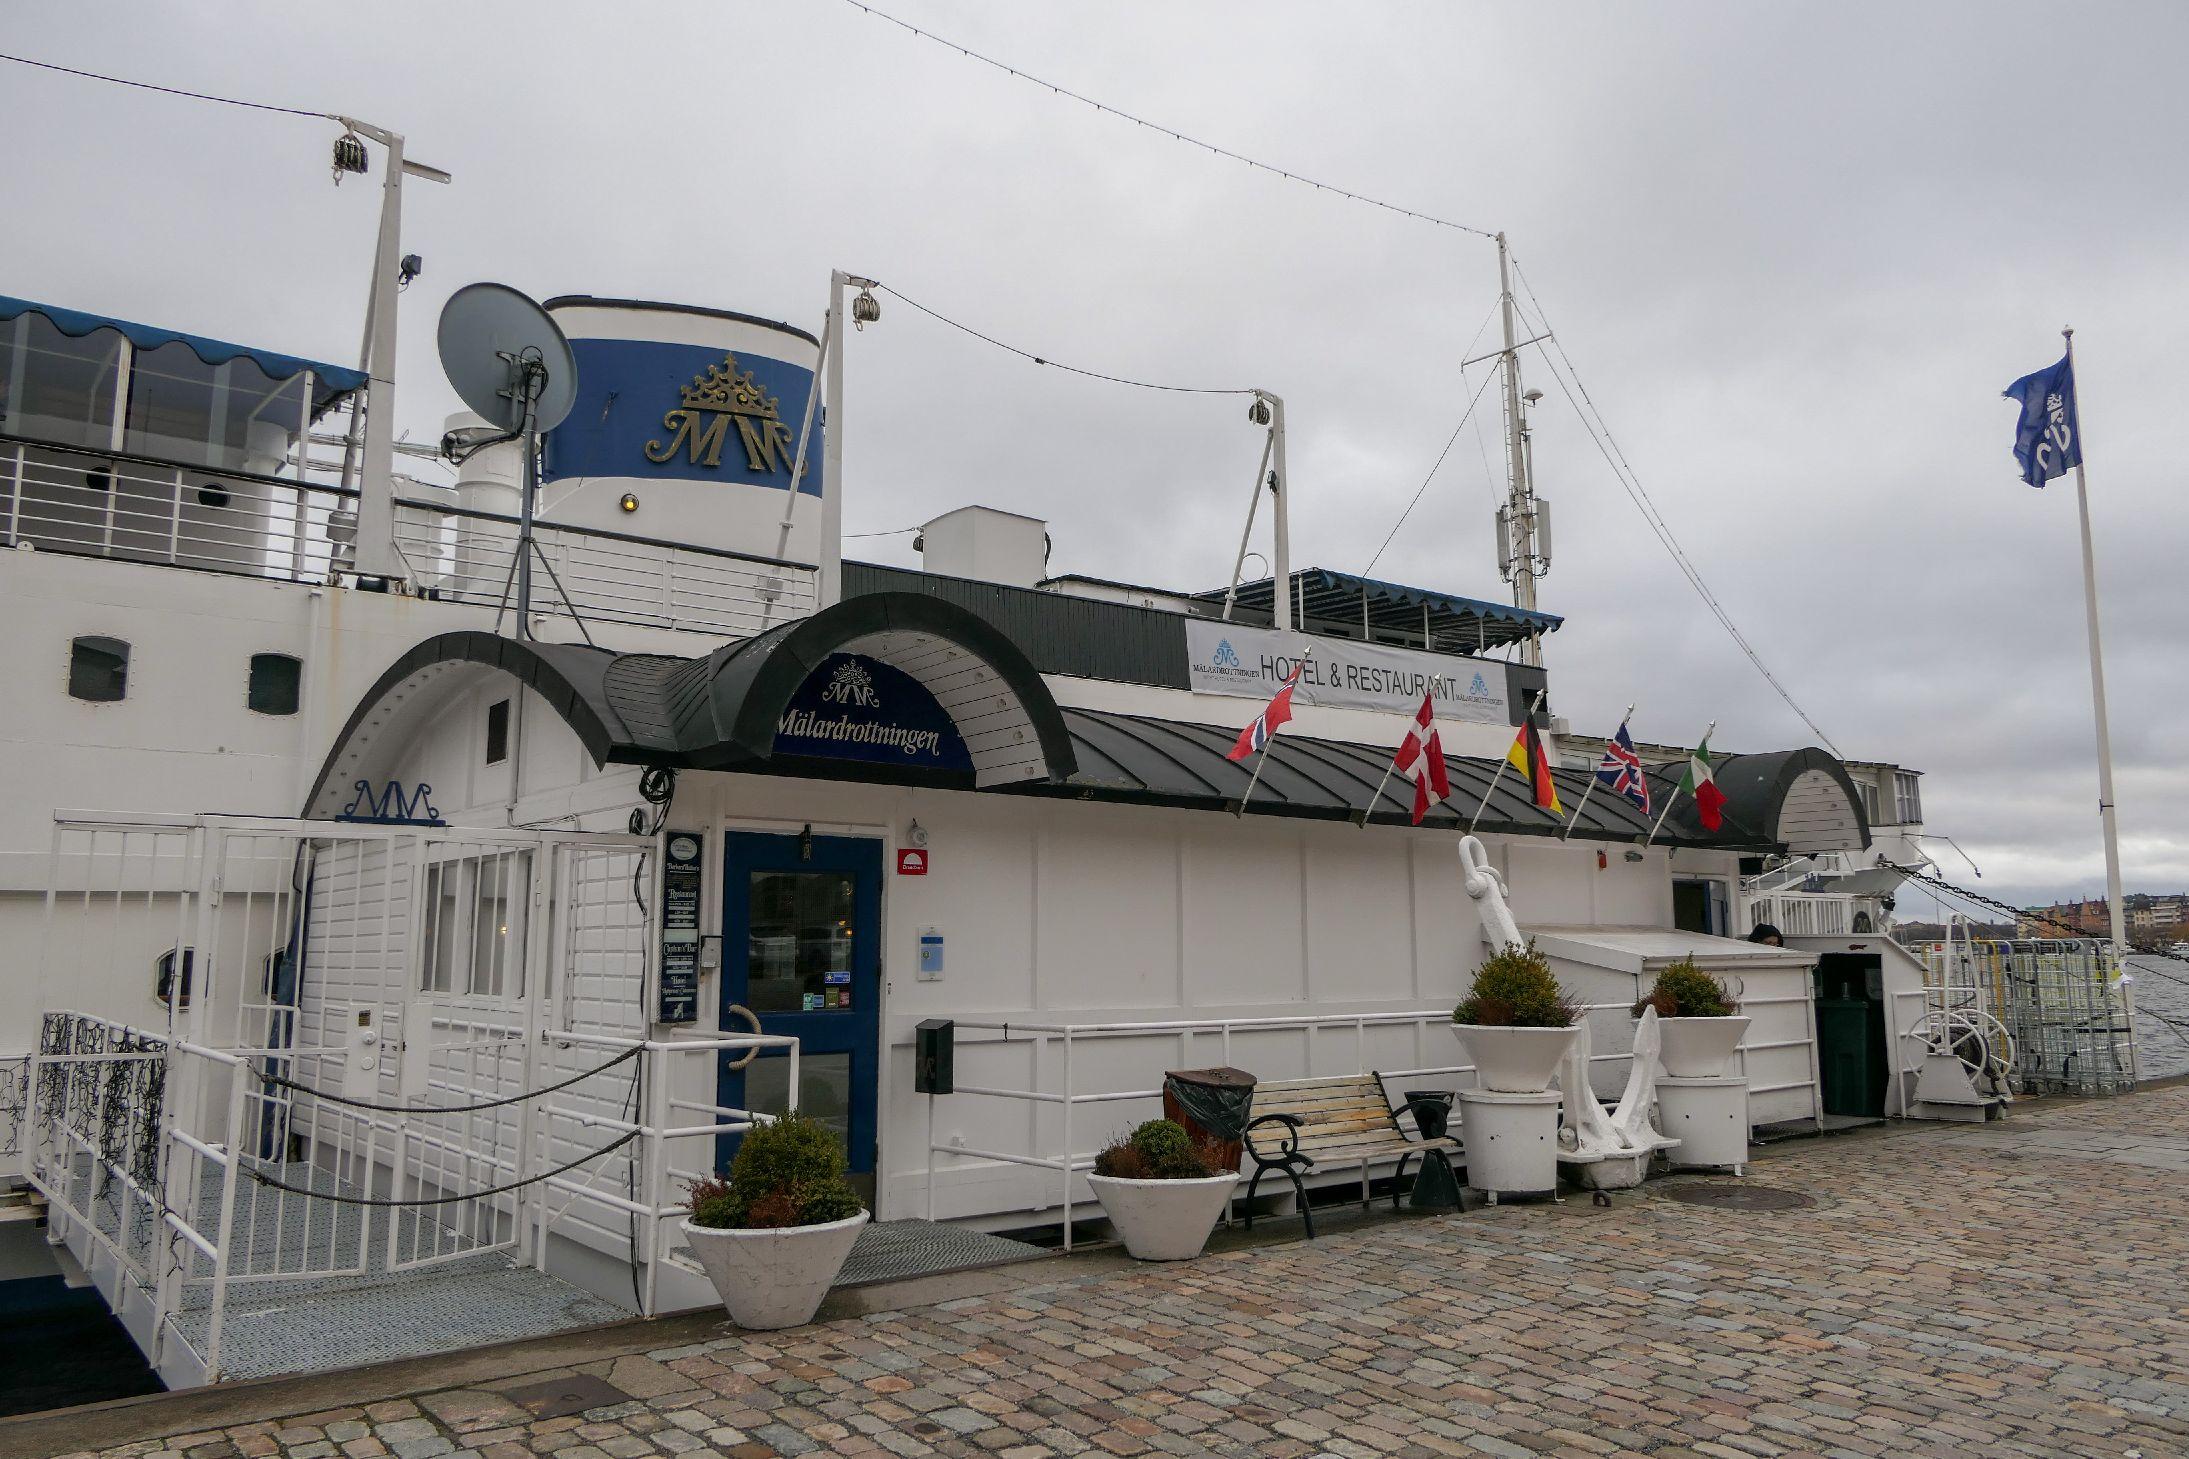 Stockholm Schweden Städtetrip Hotel Schiff Mälardrottningen Yacht Eingang